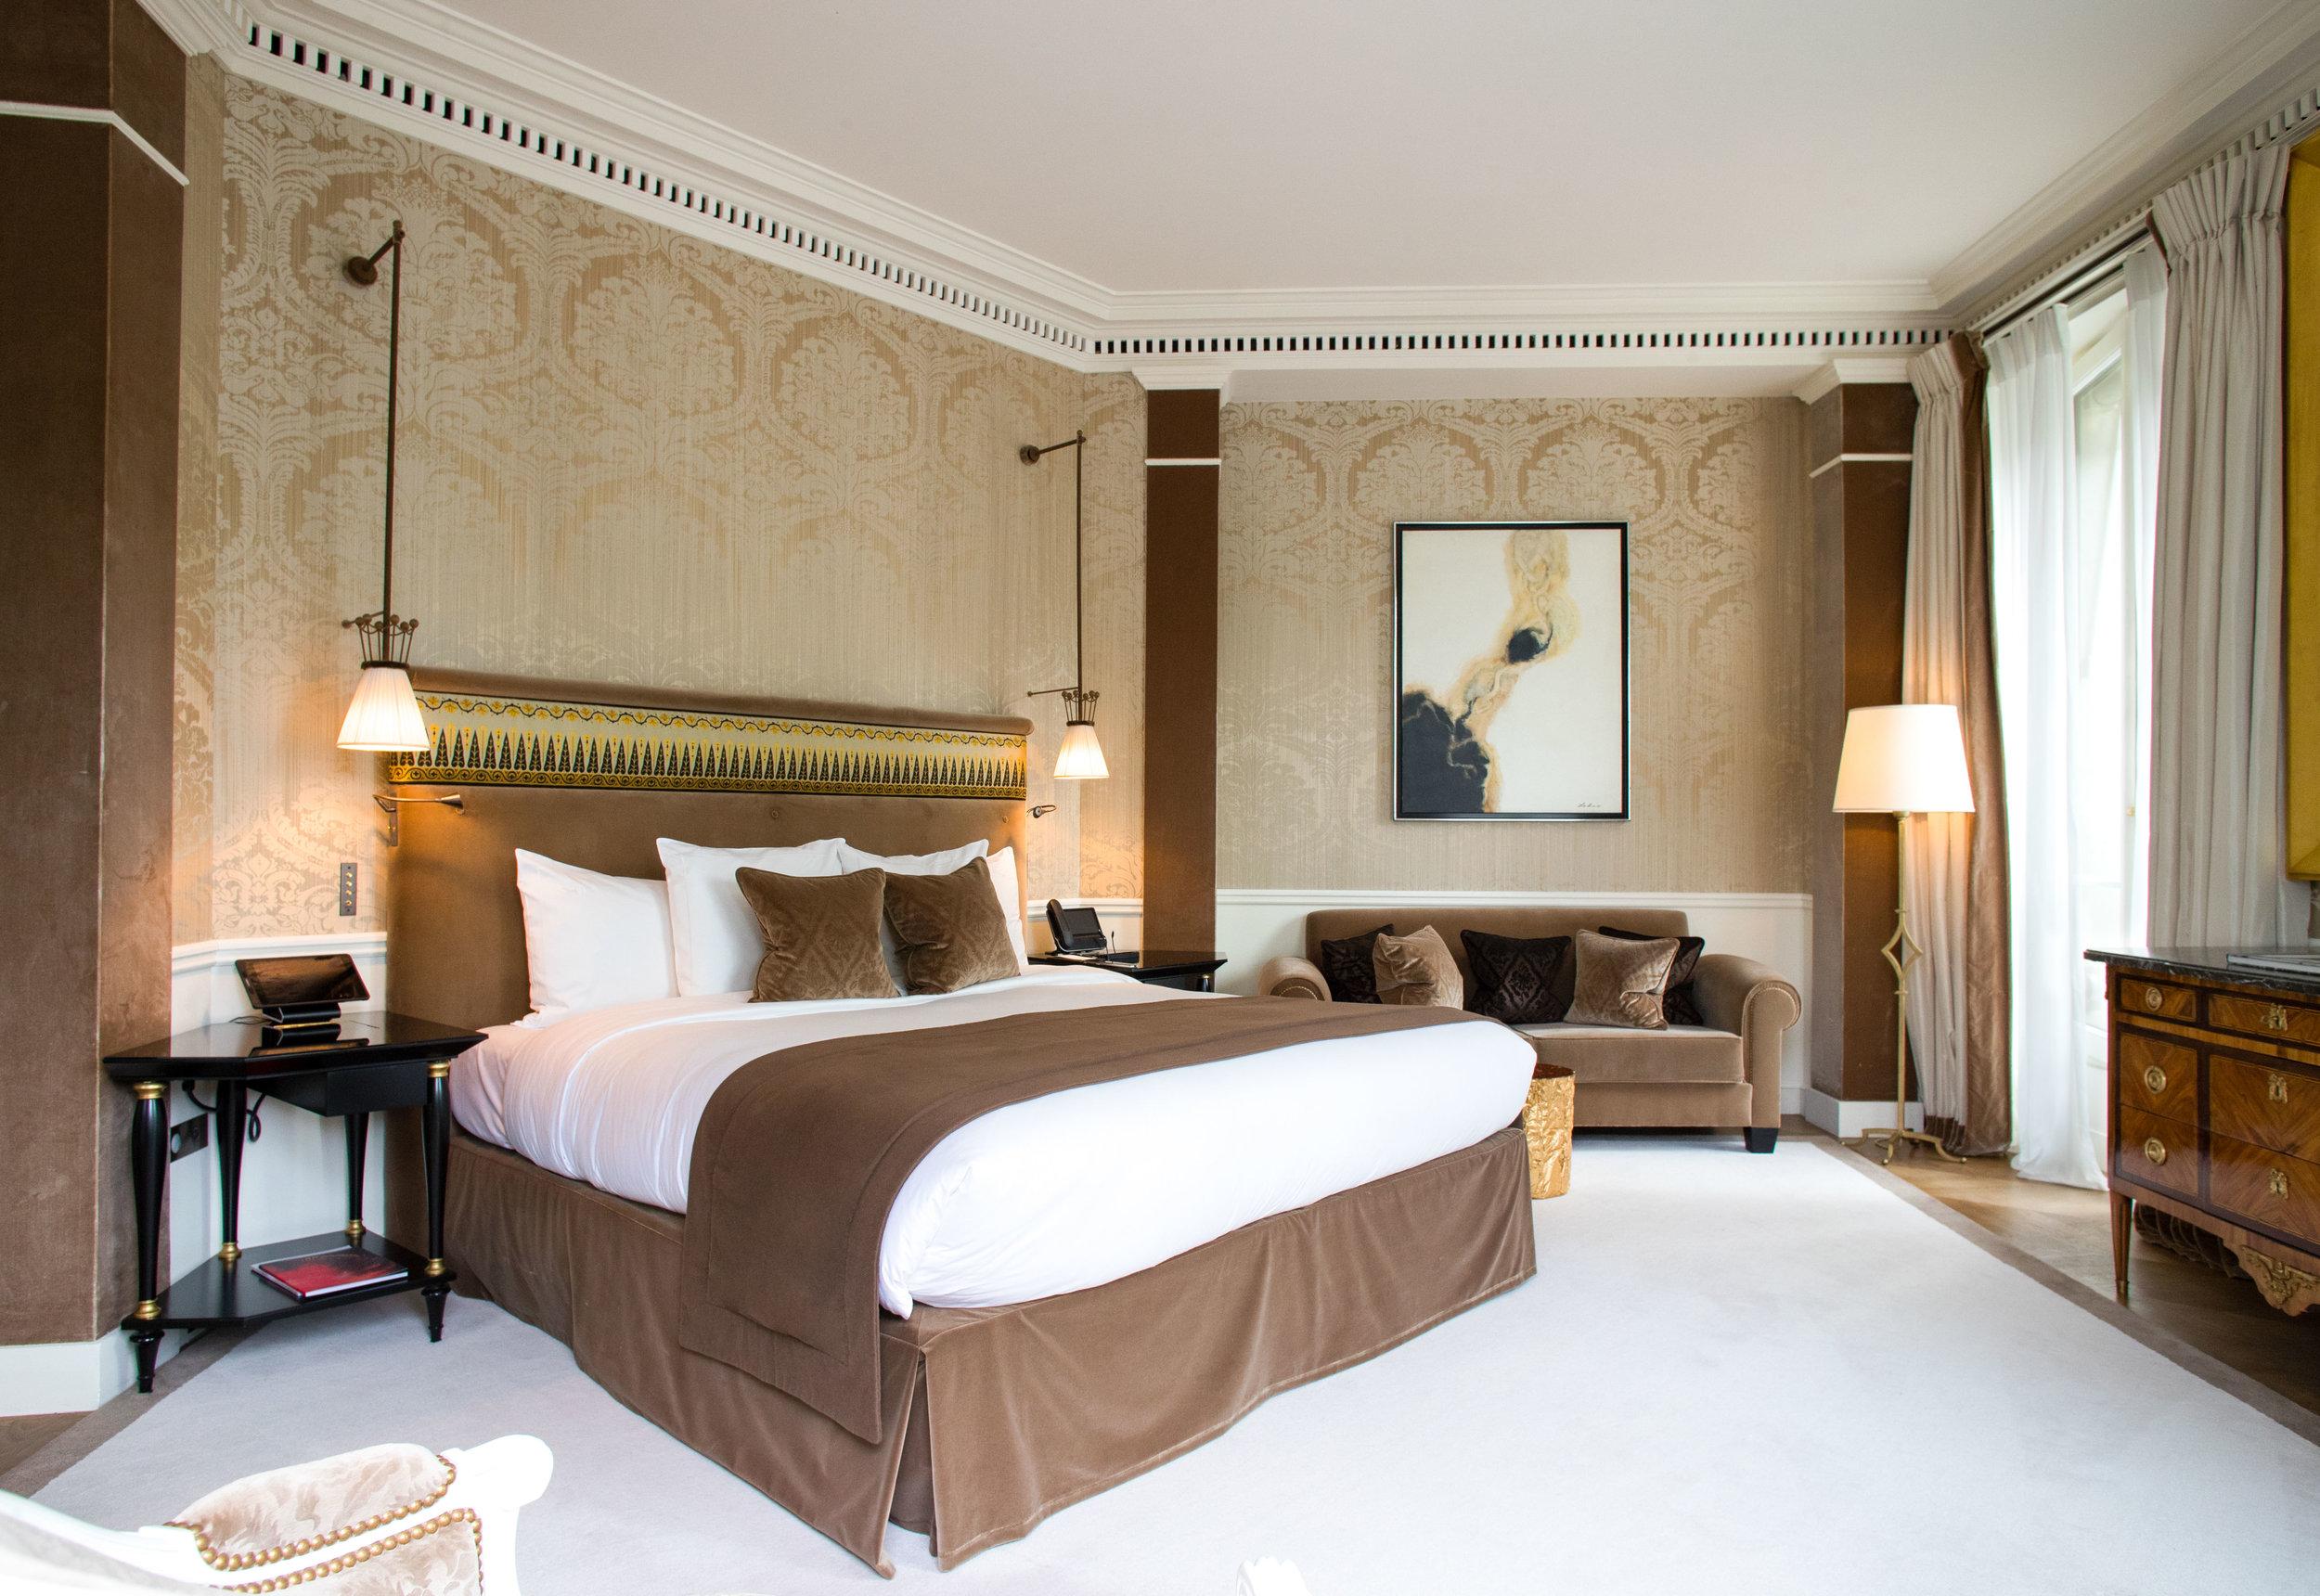 La Réserve Hotel & Spa - duc de morny Crédits photo G. Gardette - La Réserve Paris.jpg